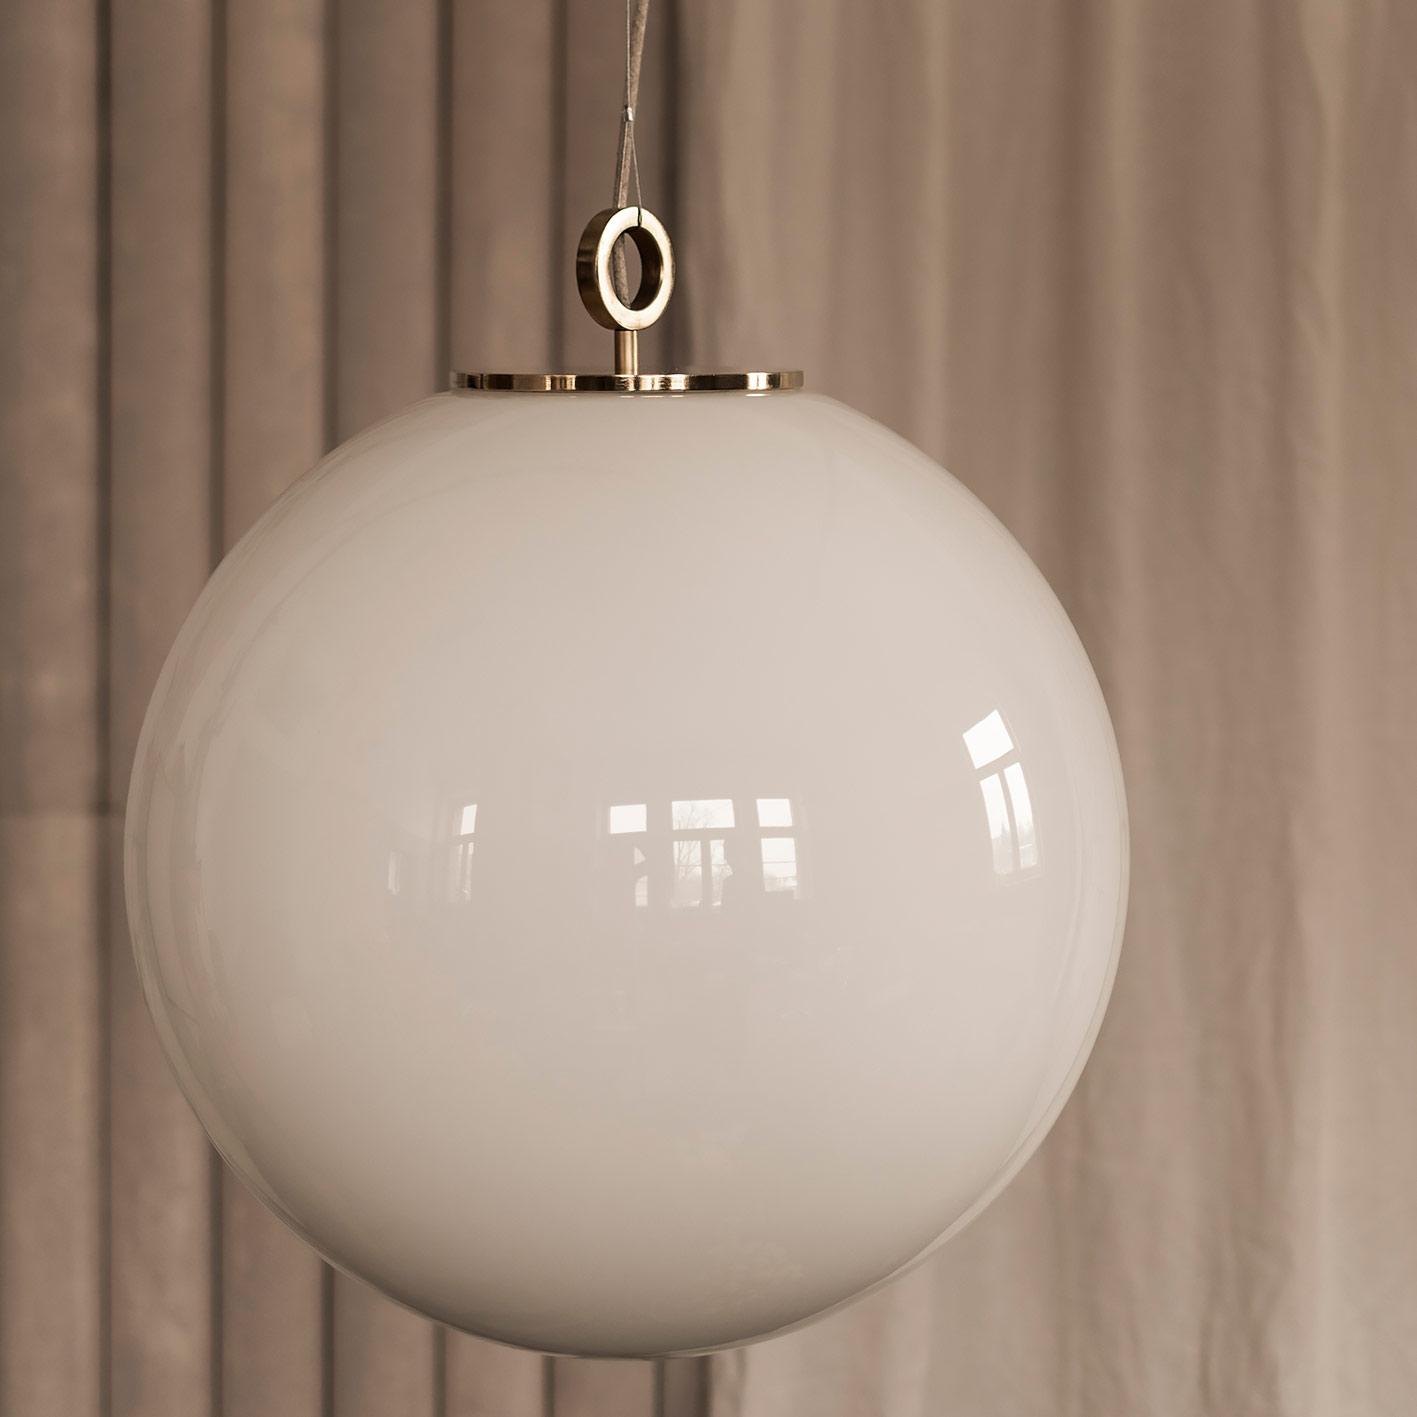 Szklana lampa wisząca ogromna biała kula z mosieżnym deklem